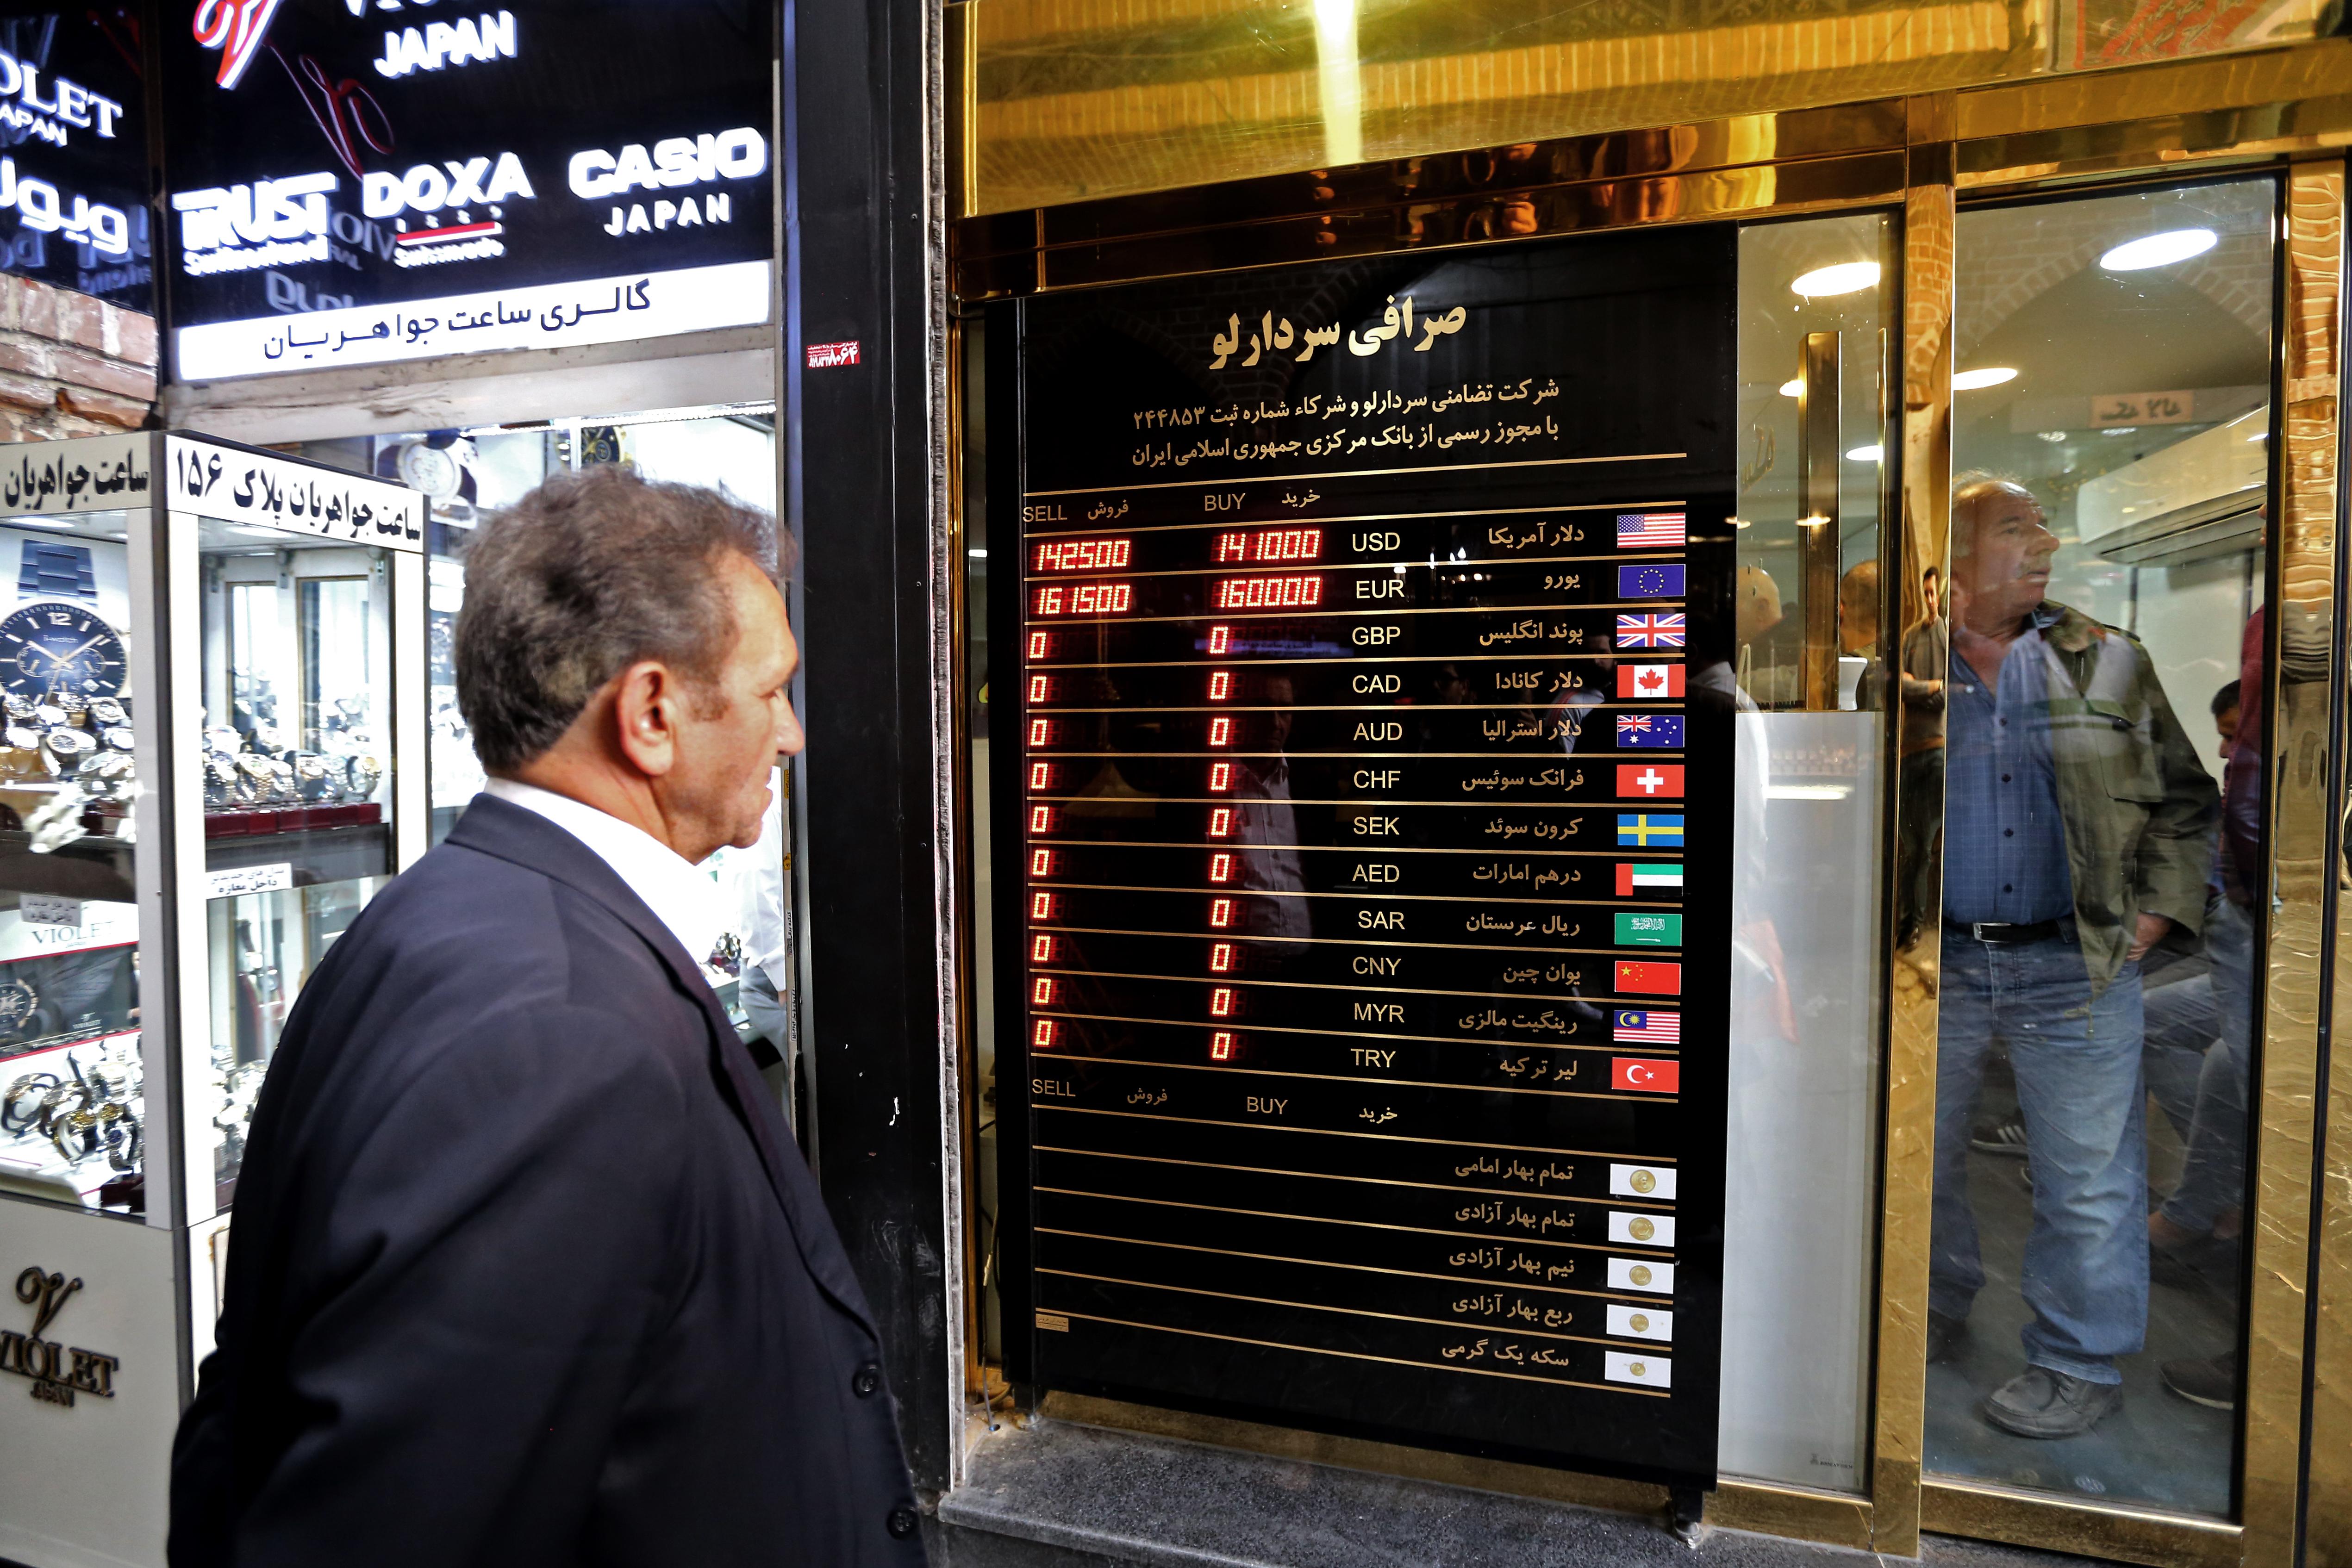 شاشة تبين أسعار العملات على باب أحد محلات الصرافة في طهران